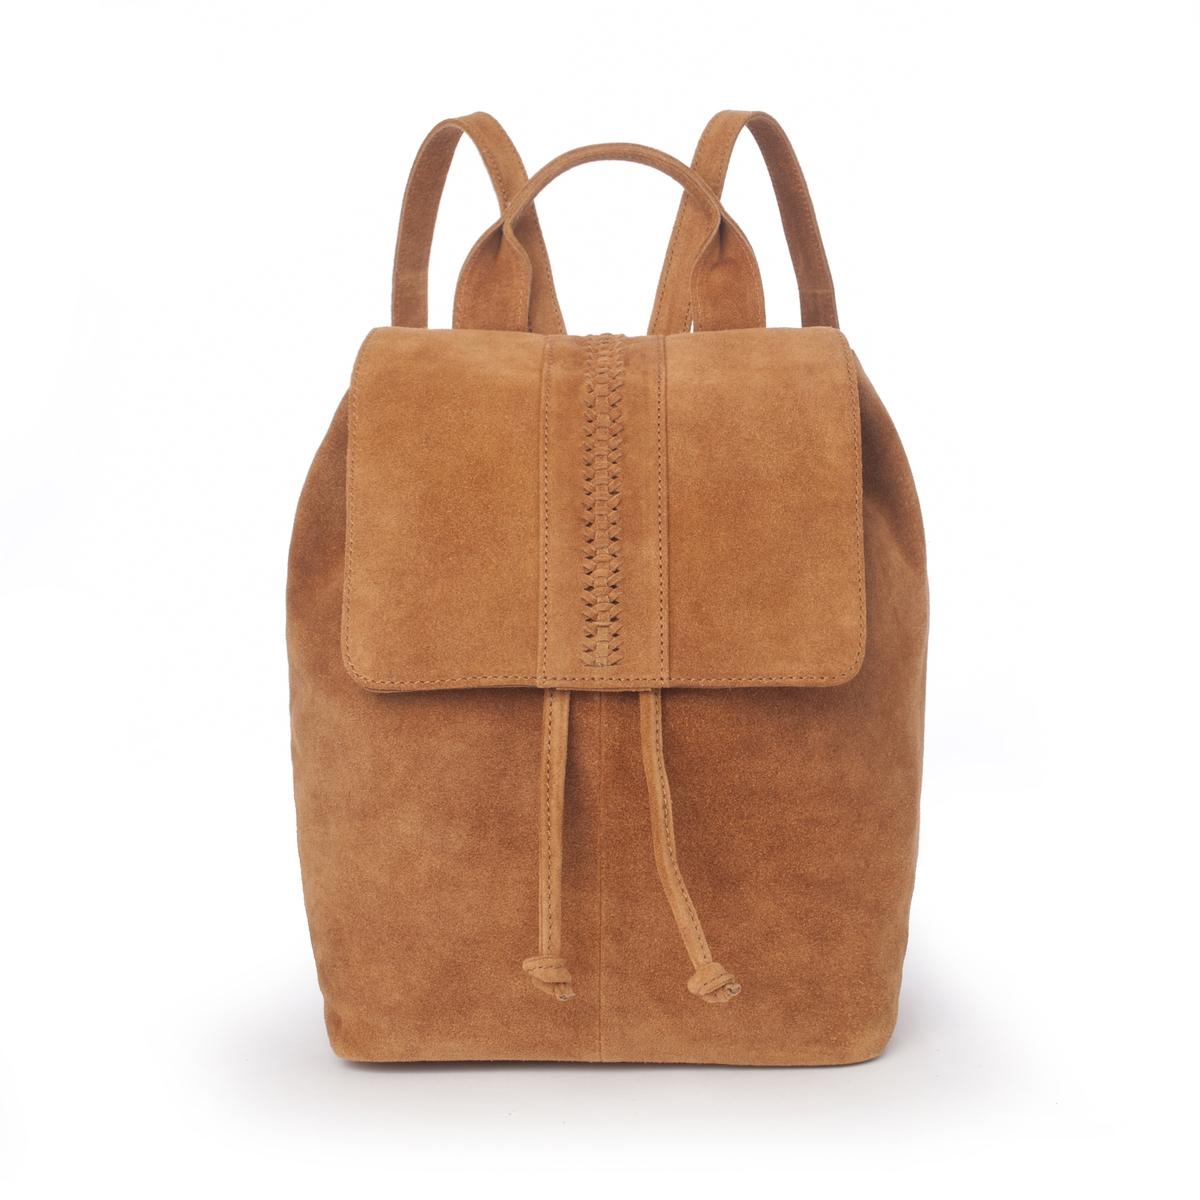 Рюкзак из невыделанной кожи от La Redoute